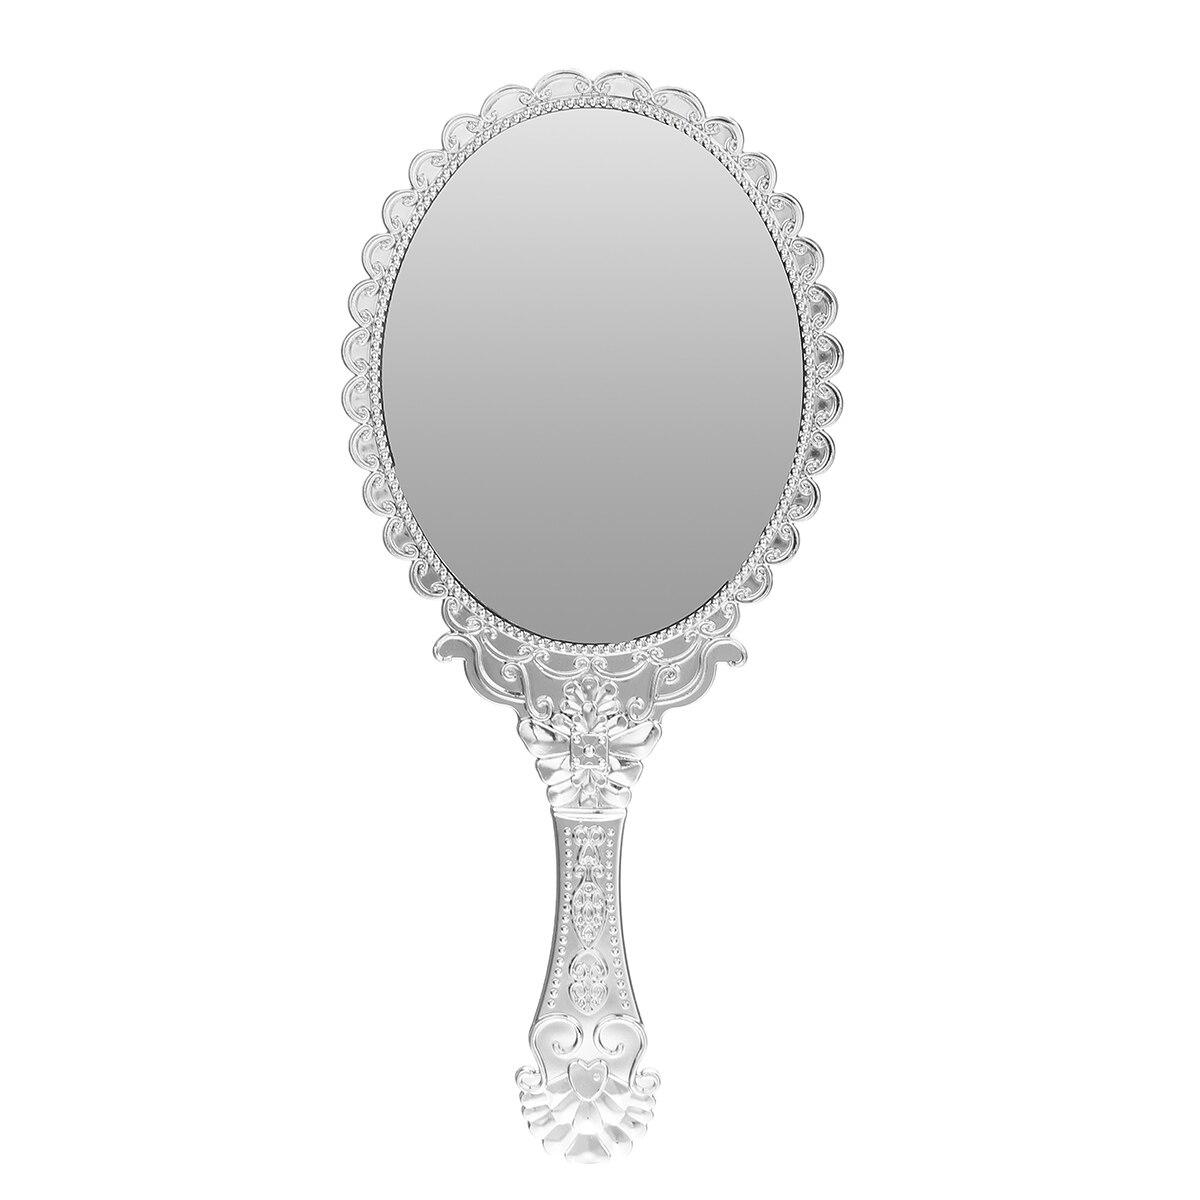 1pcs Cute Silver Vintage Ladies Floral Repousse Oval Round